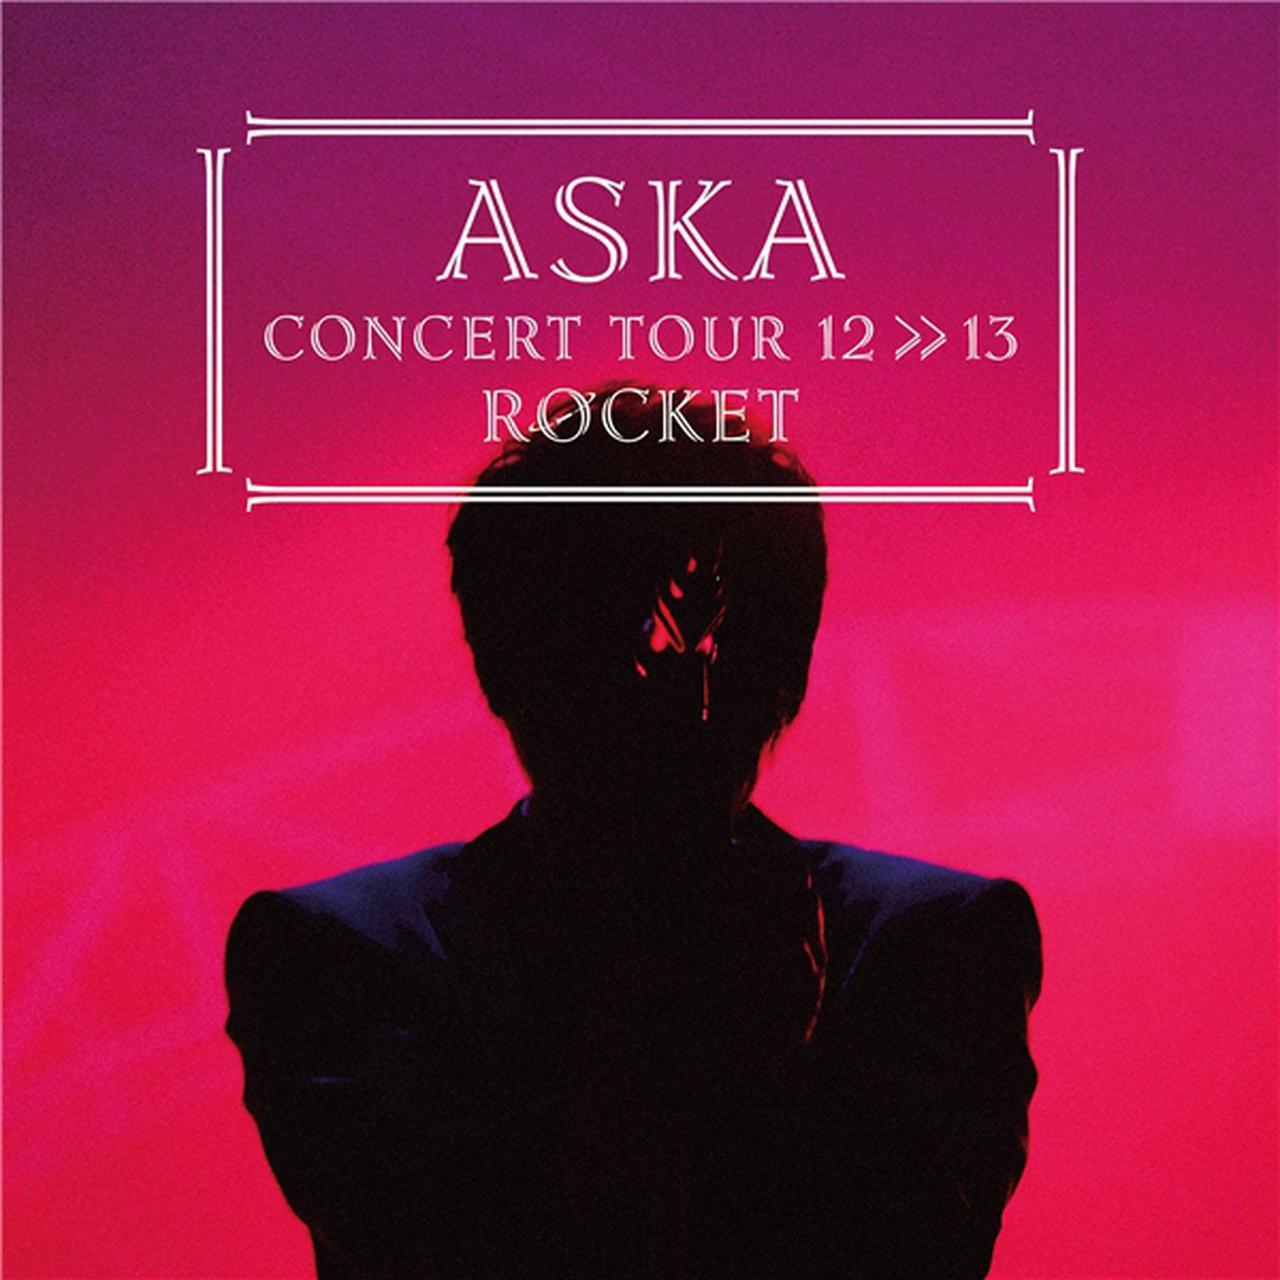 画像: ASKA CONCERT TOUR 12>>13 ROCKET / ASKA